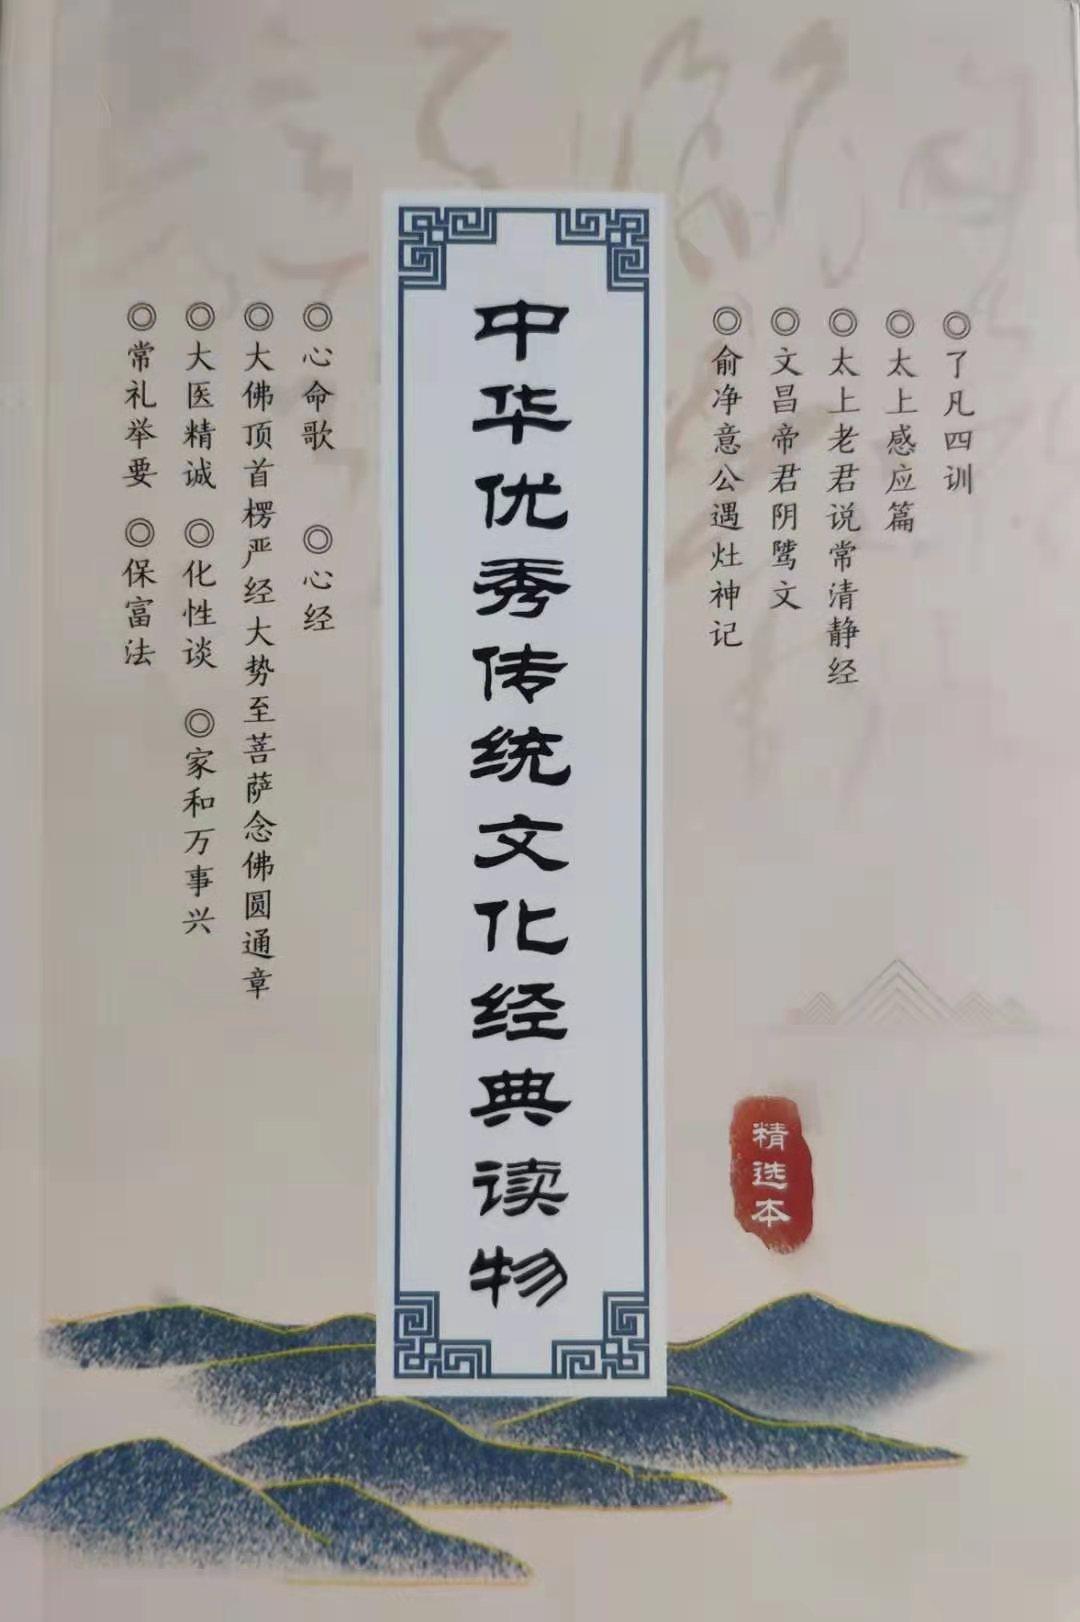 中华优秀传统文化经典读物